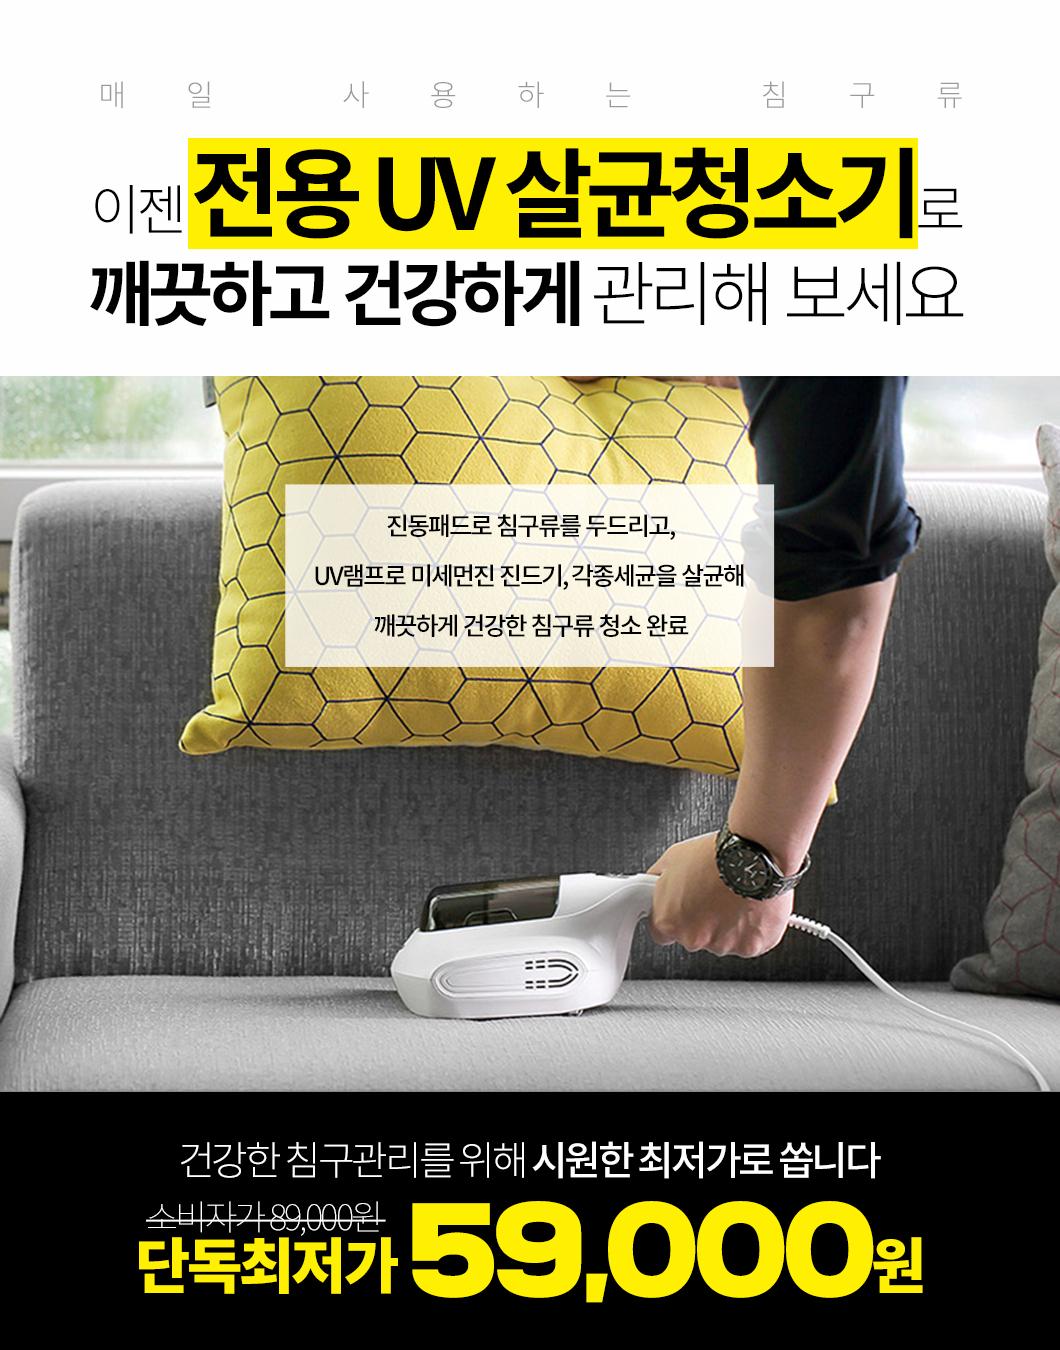 1005_UV살균침구청소기_상단.jpg